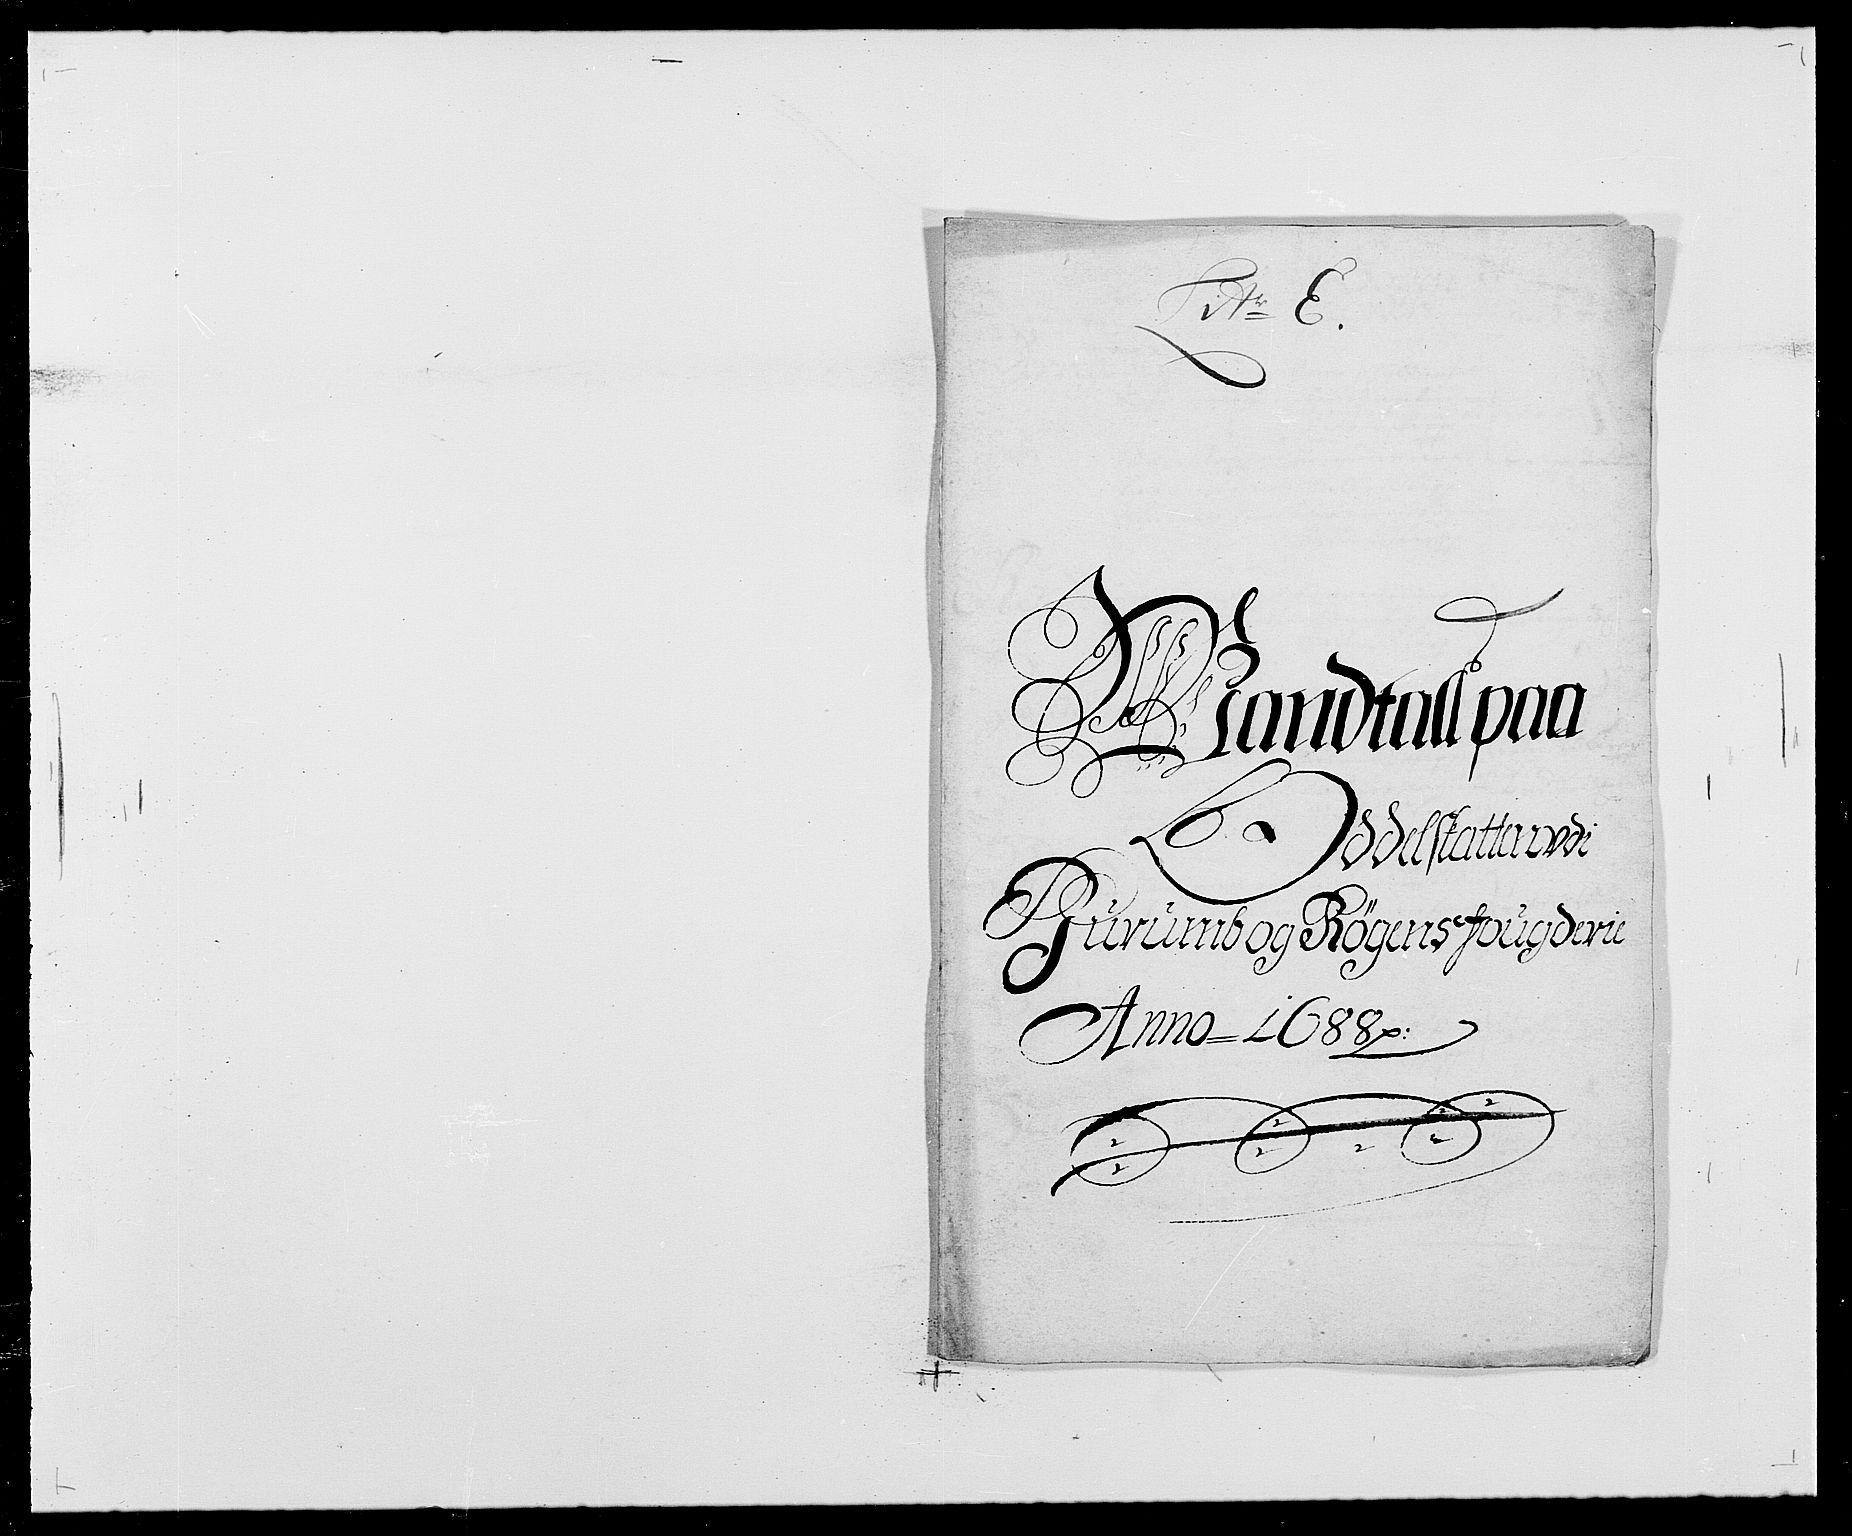 RA, Rentekammeret inntil 1814, Reviderte regnskaper, Fogderegnskap, R29/L1693: Fogderegnskap Hurum og Røyken, 1688-1693, s. 57